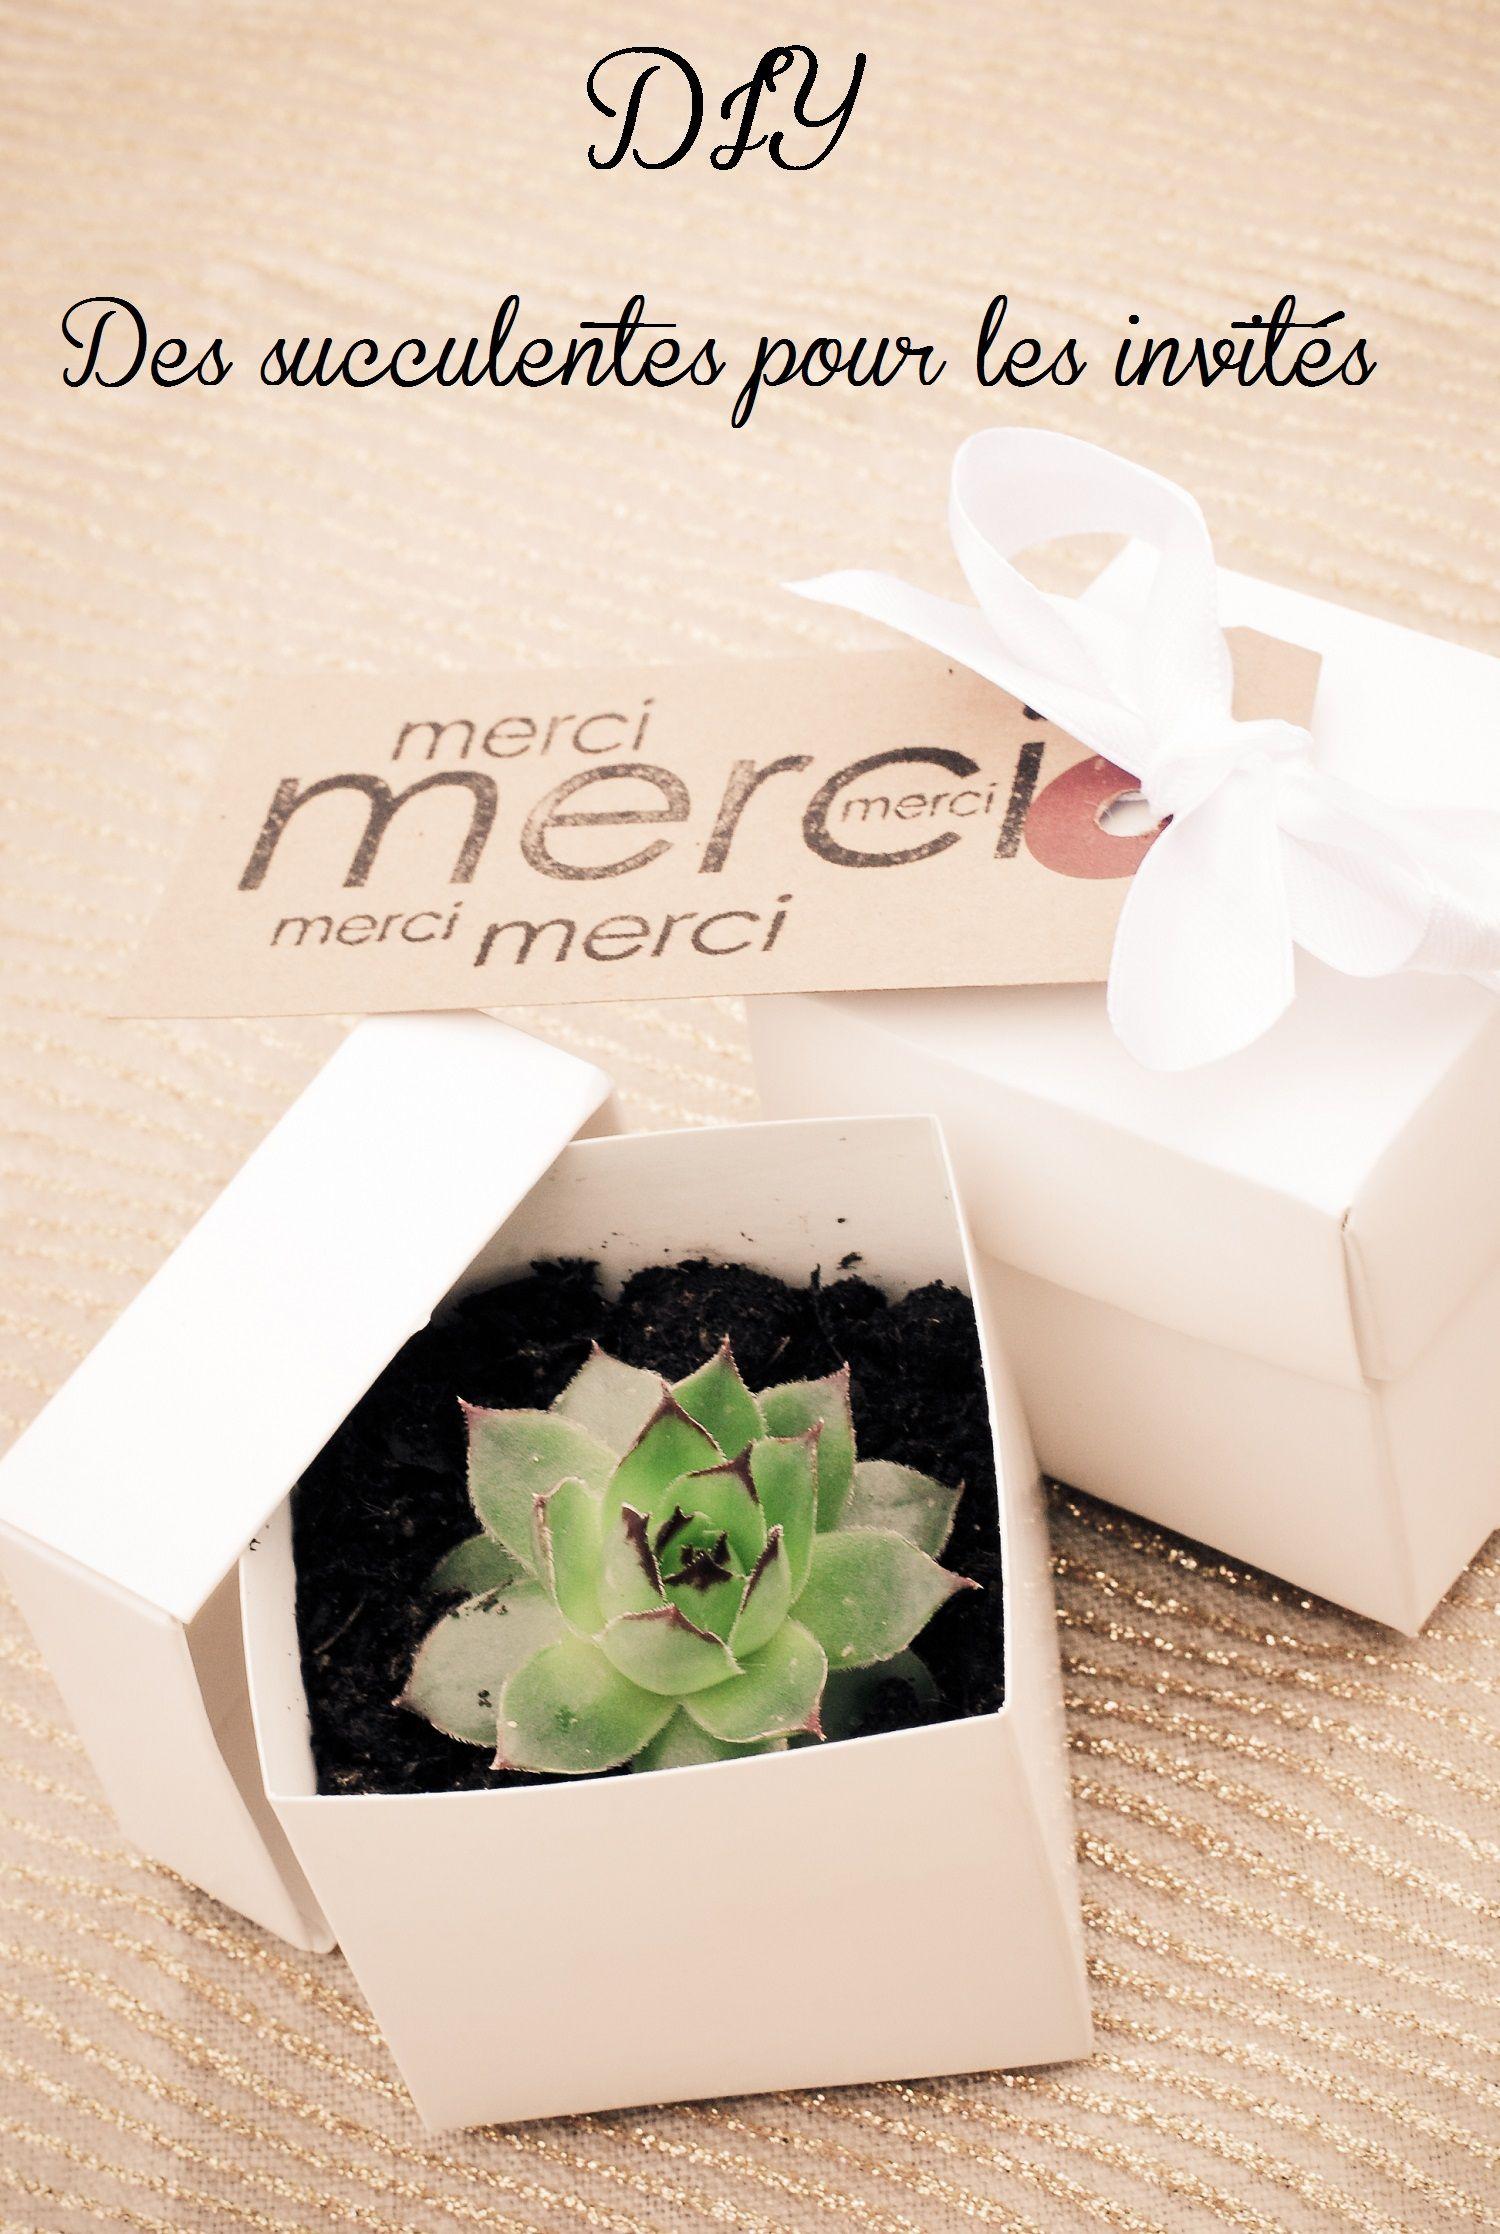 cadeau original et pas cher pour vos invit s mariage des succulentes deco mariage cadeau. Black Bedroom Furniture Sets. Home Design Ideas